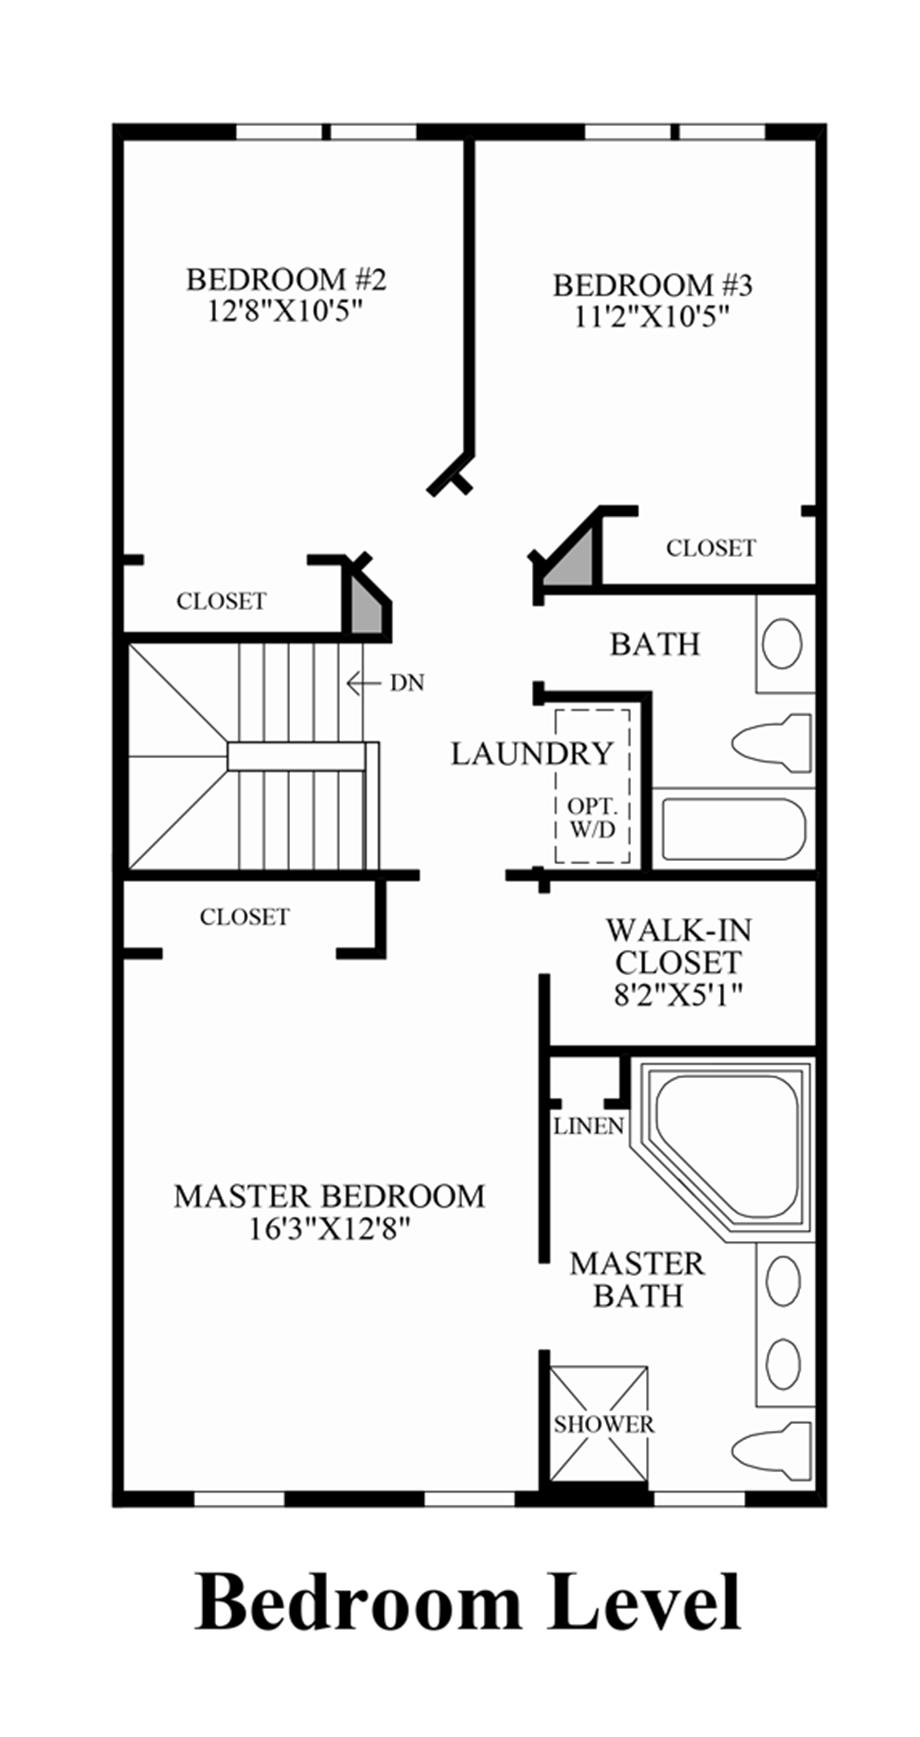 Bedroom Level Floor Plan